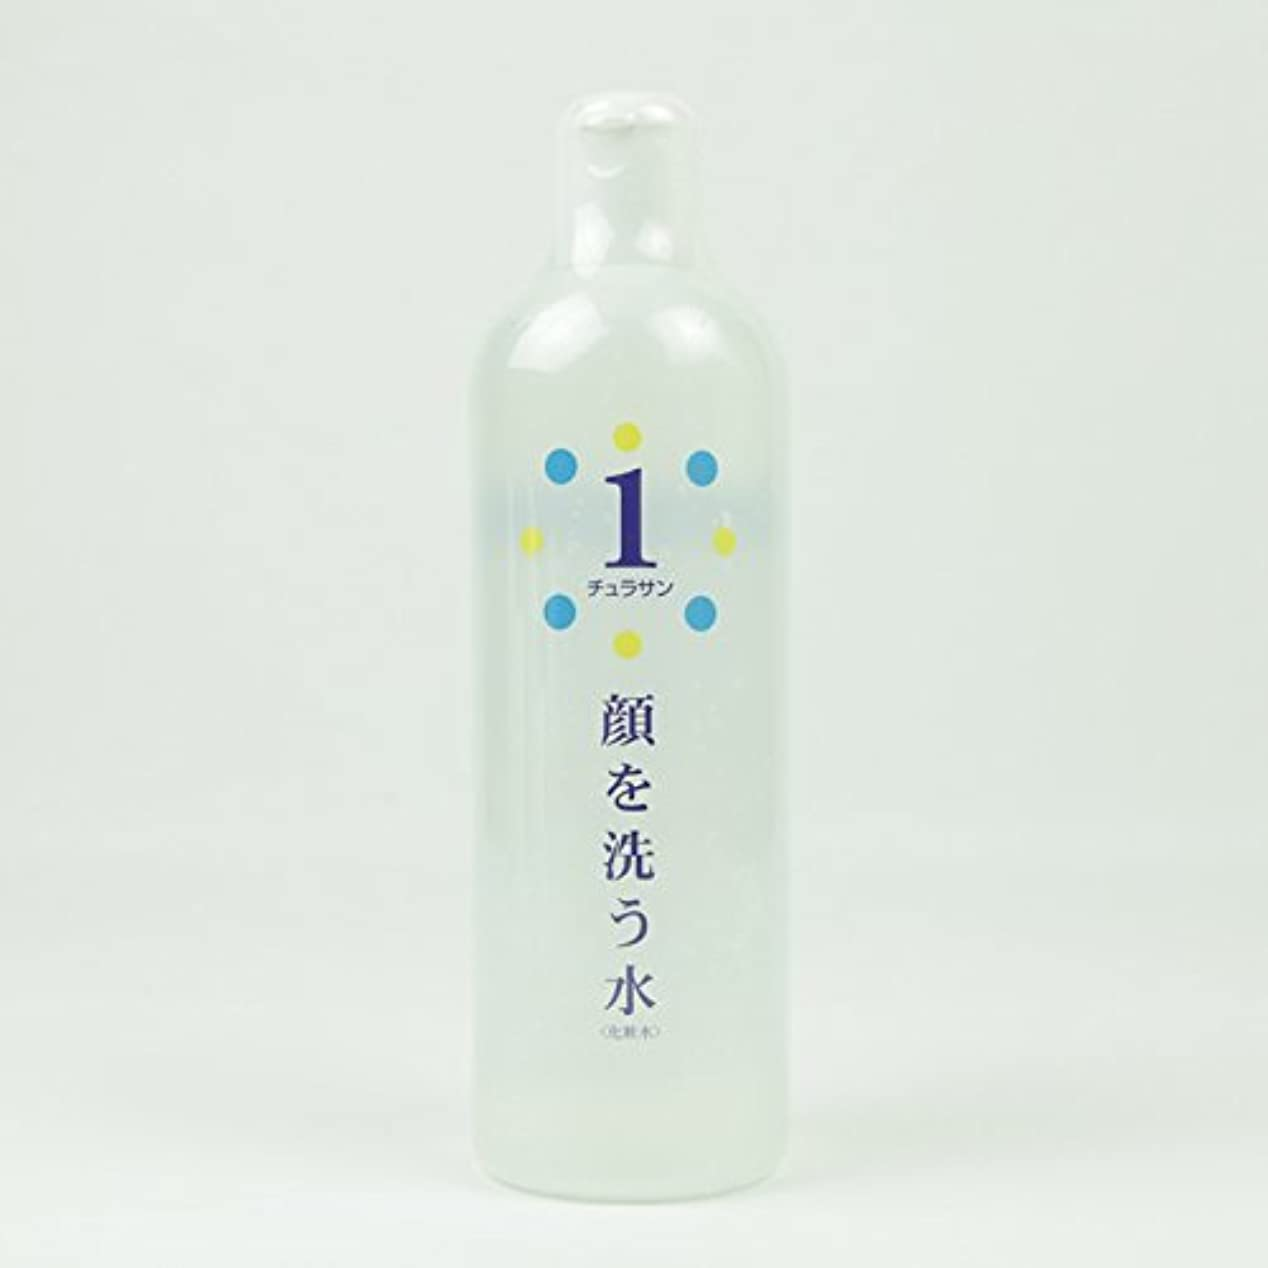 永久スラム街完璧チュラサン1 【顔を洗う水】 500ml